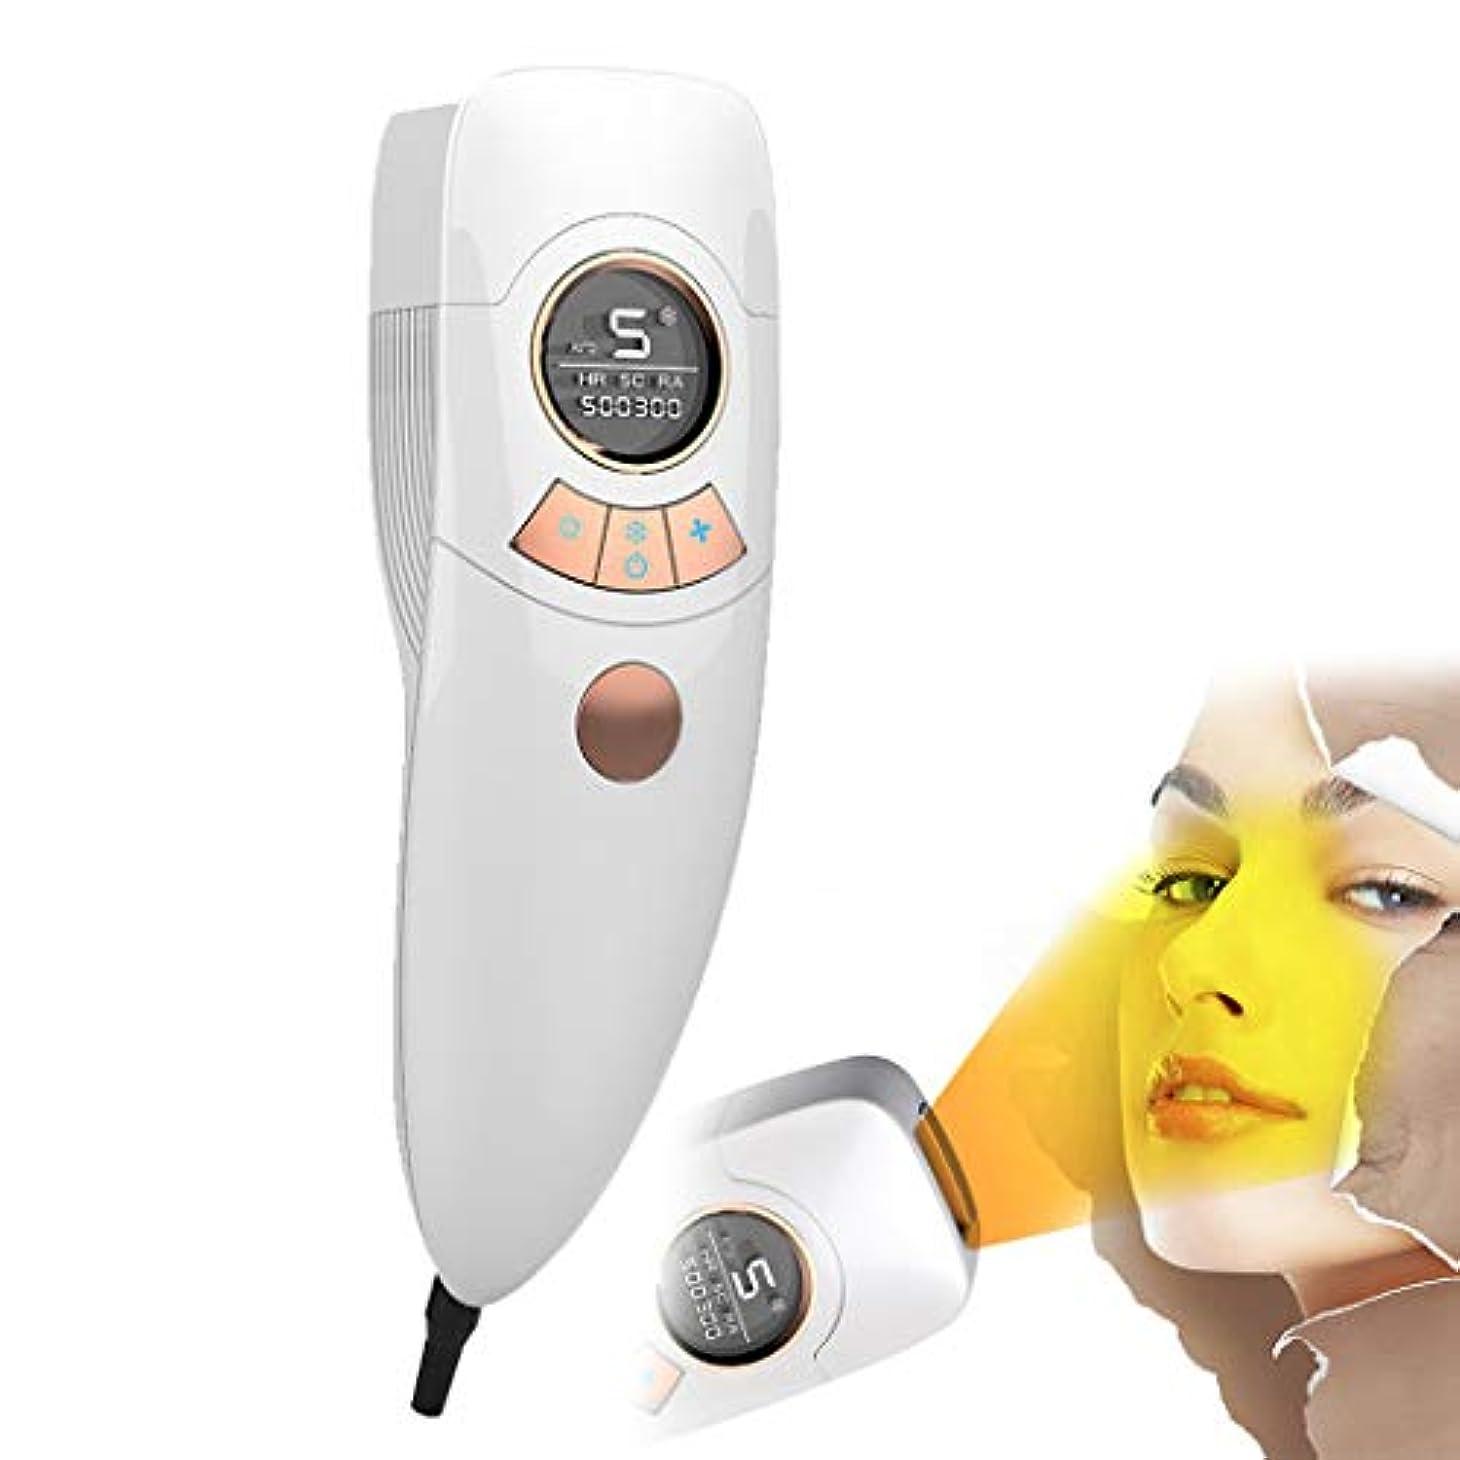 ラジウムポケット全員電気脱毛装置は痛みがありません女性4で1充電式電気脱毛器の髪、ビキニエリア鼻脇の下腕の脚の痛みのない永久的な体毛リムーバー-White